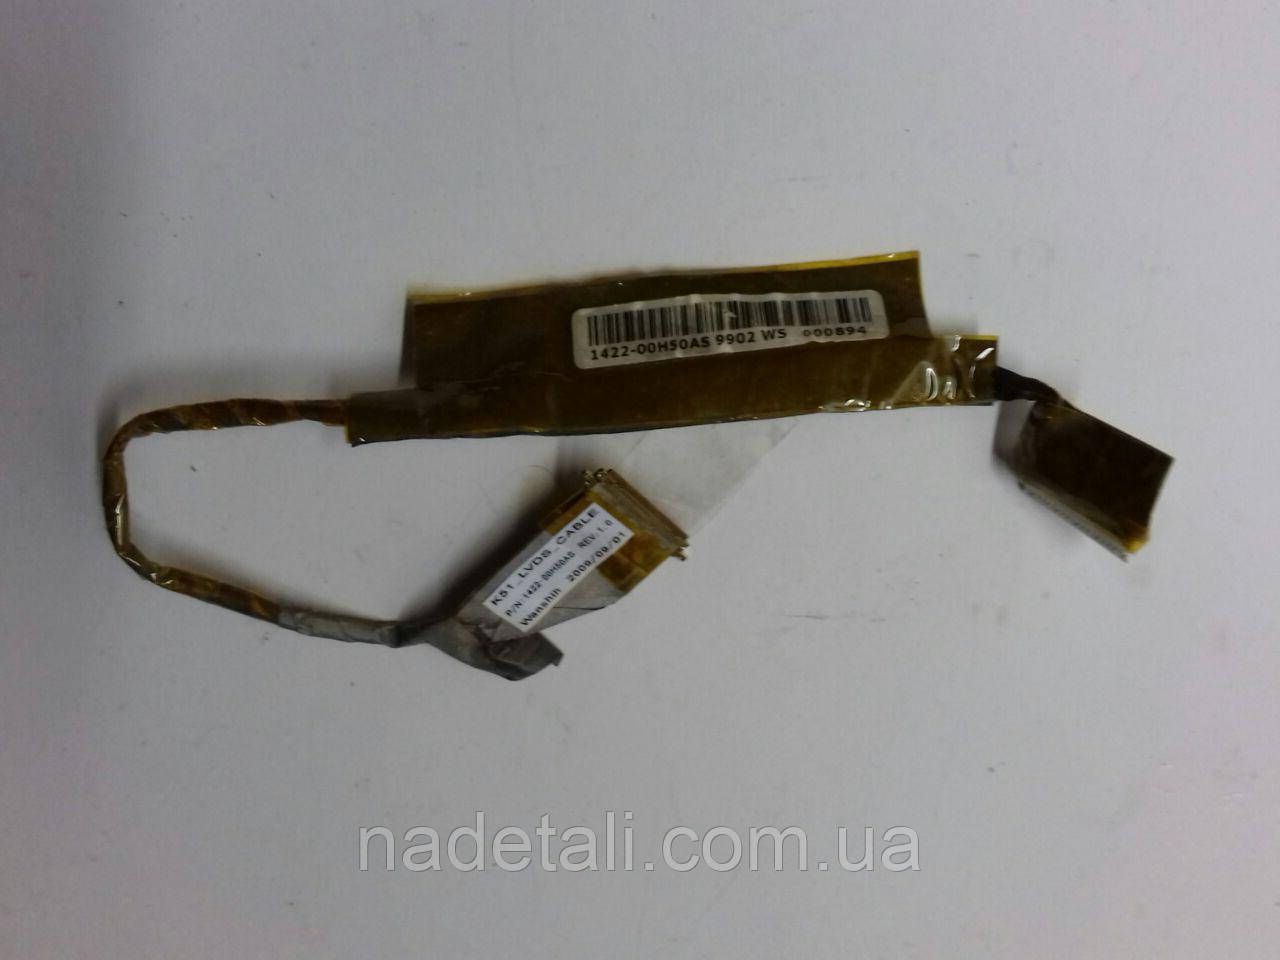 Шлейф матрицы Asus X5EA 1422-00H50AS